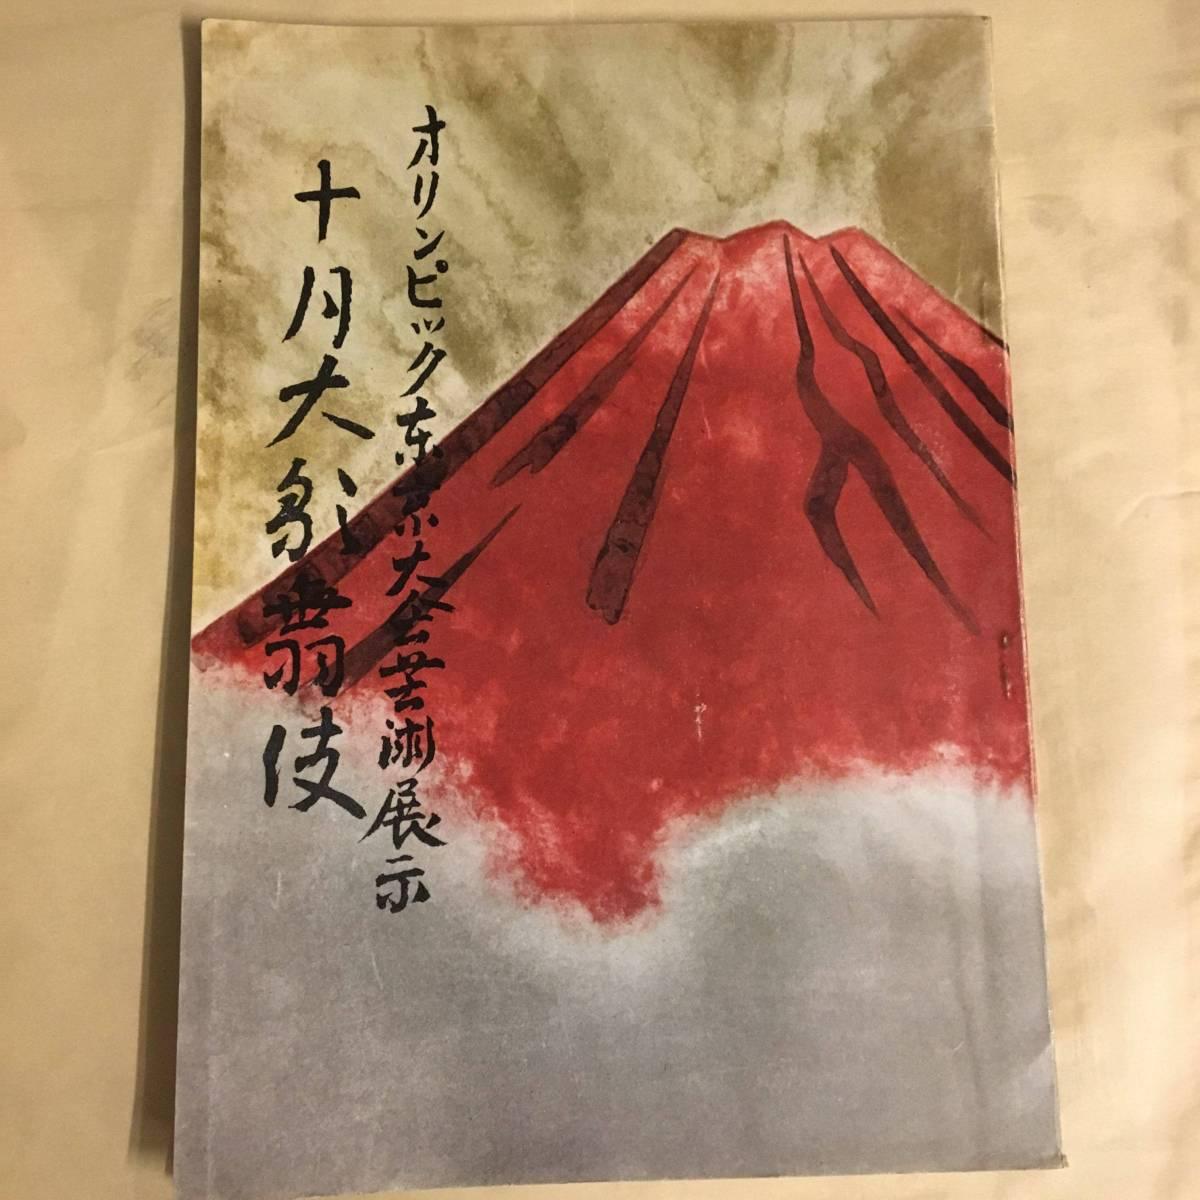 十月大歌舞伎 オリンピック東京大会芸術展示 昭和64年